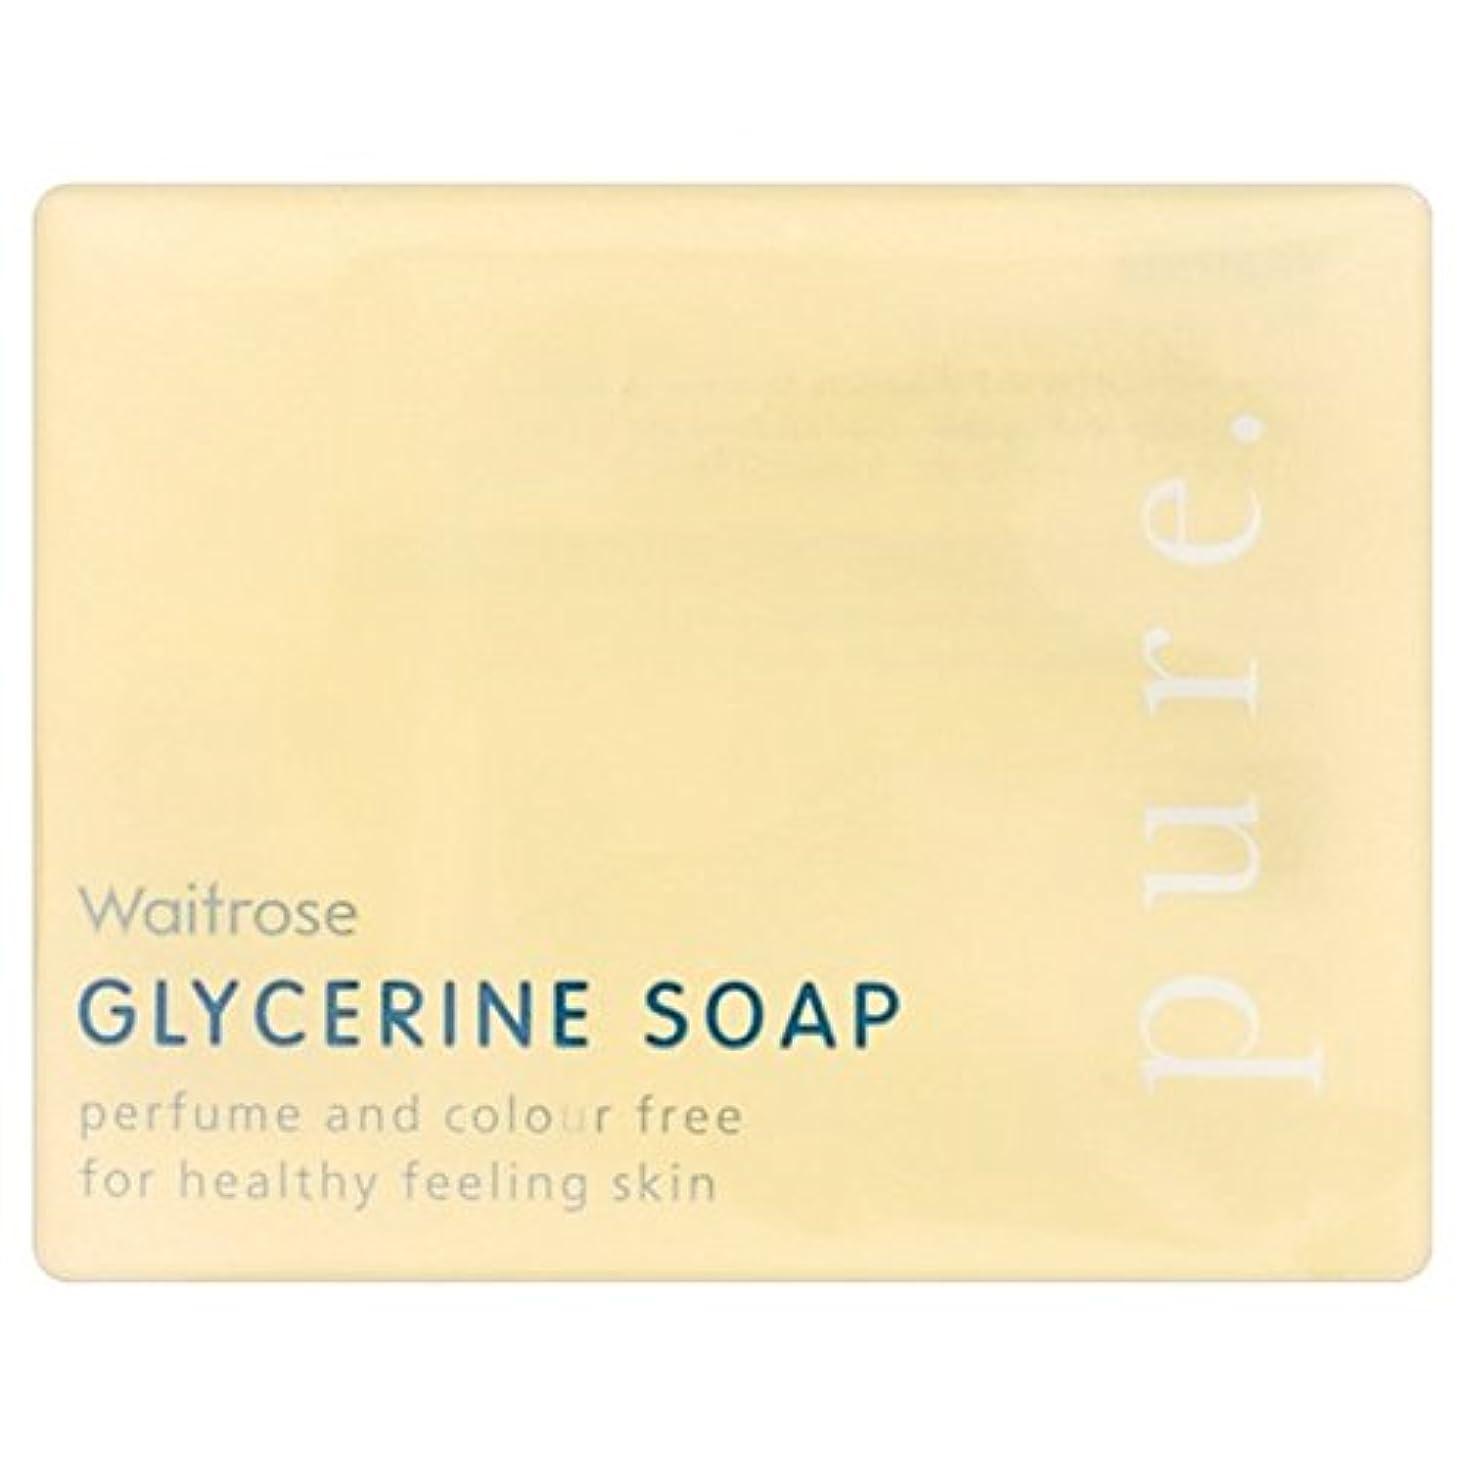 測定対話祖母Pure Glycerine Soap Waitrose 100g - 純粋なグリセリンソープウェイトローズの100グラム [並行輸入品]